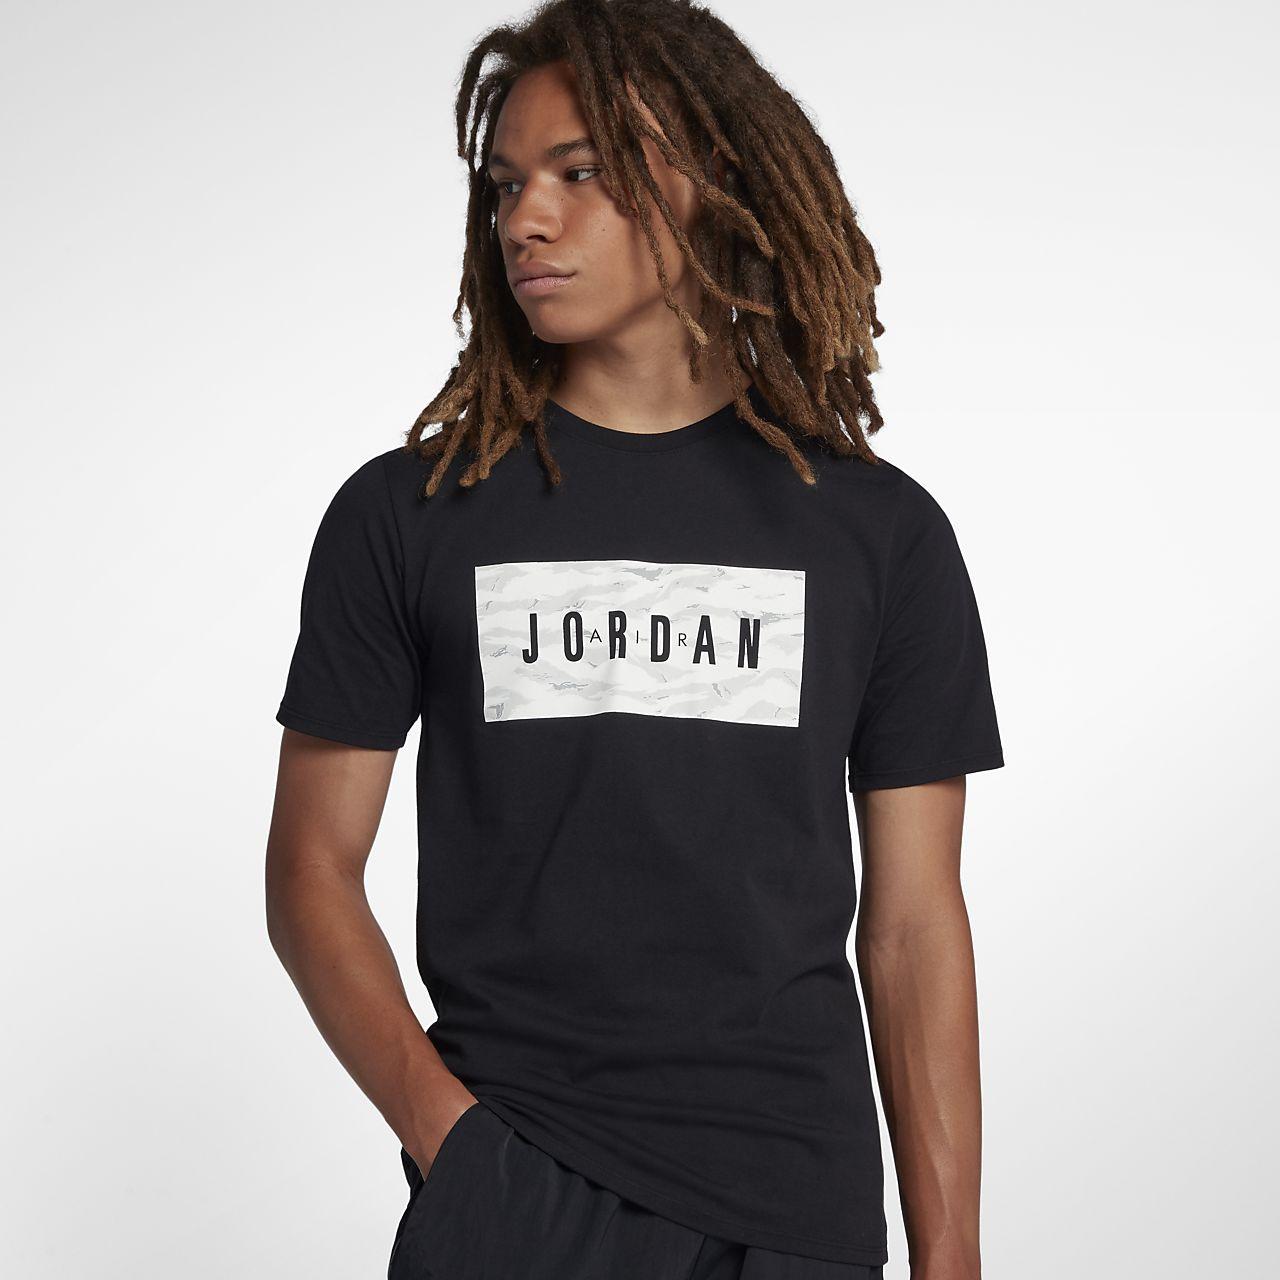 เสื้อยืดกราฟิกผู้ชาย Jordan Sportswear Tech WNT